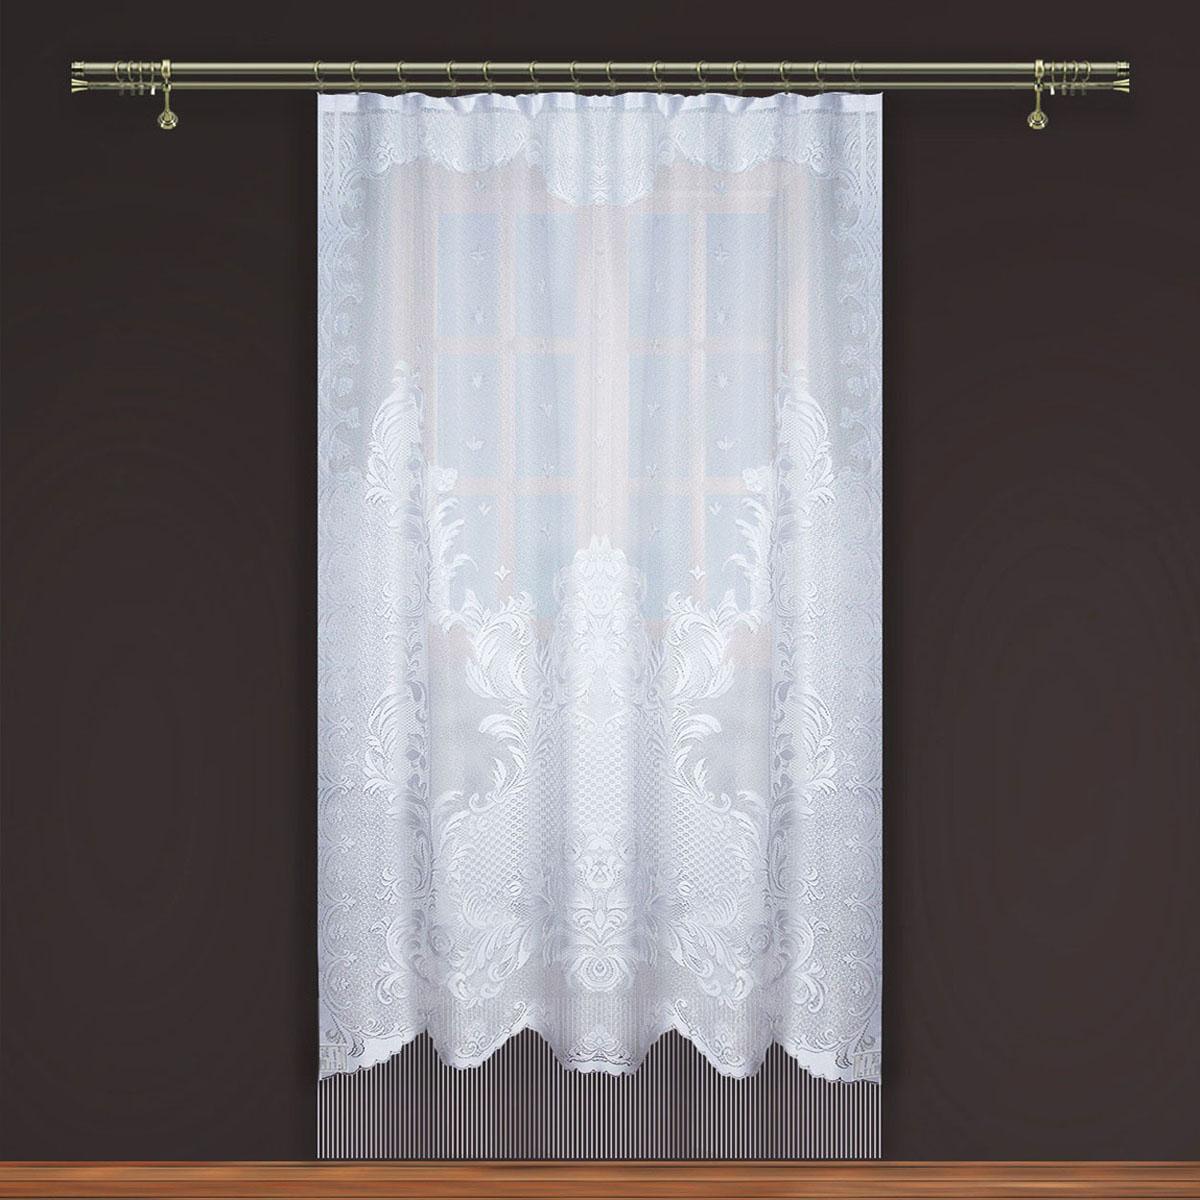 Гардина Zlata Korunka, на зажимах, цвет: белый, высота 250 см. 8886688866Гардина Zlata Korunka, изготовленная из высококачественного полиэстера, станет великолепным украшением любого окна. Изящный узор и тюле-кружевная текстура полотна привлекут к себе внимание и органично впишутся в интерьер комнаты. Оригинальное оформление гардины внесет разнообразие и подарит заряд положительного настроения.Крепится на зажимах для штор.